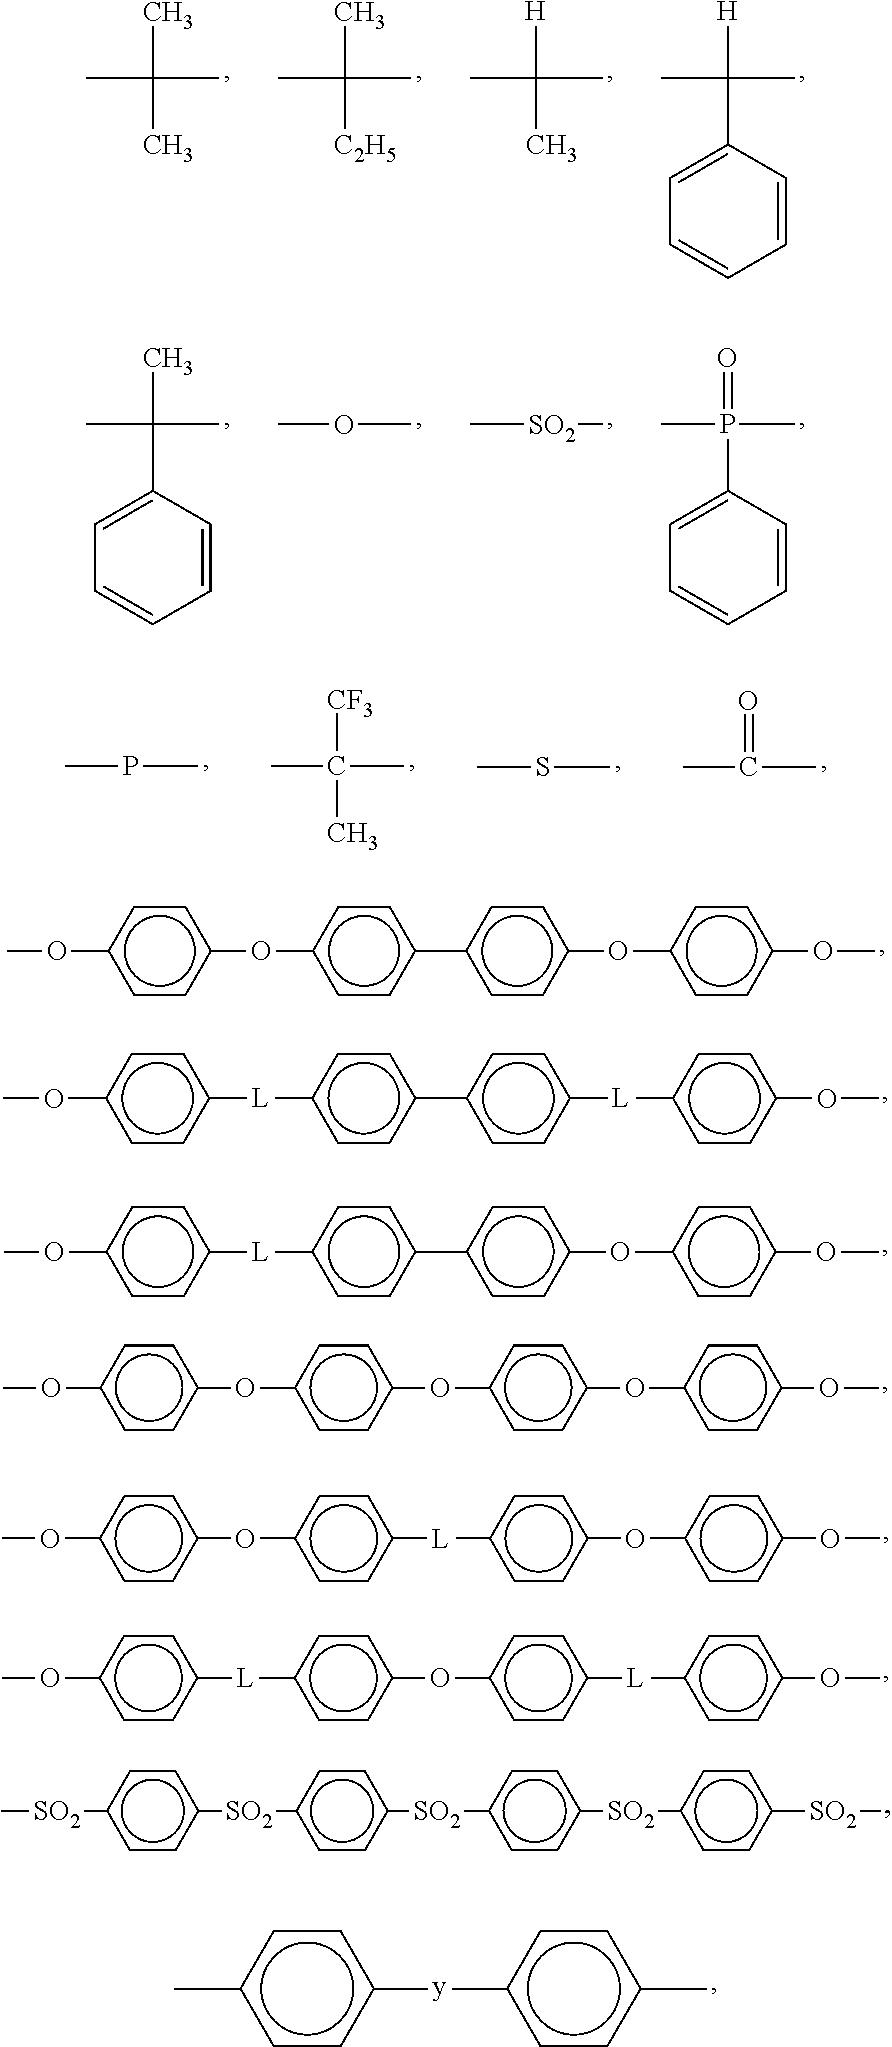 Figure US09315633-20160419-C00028